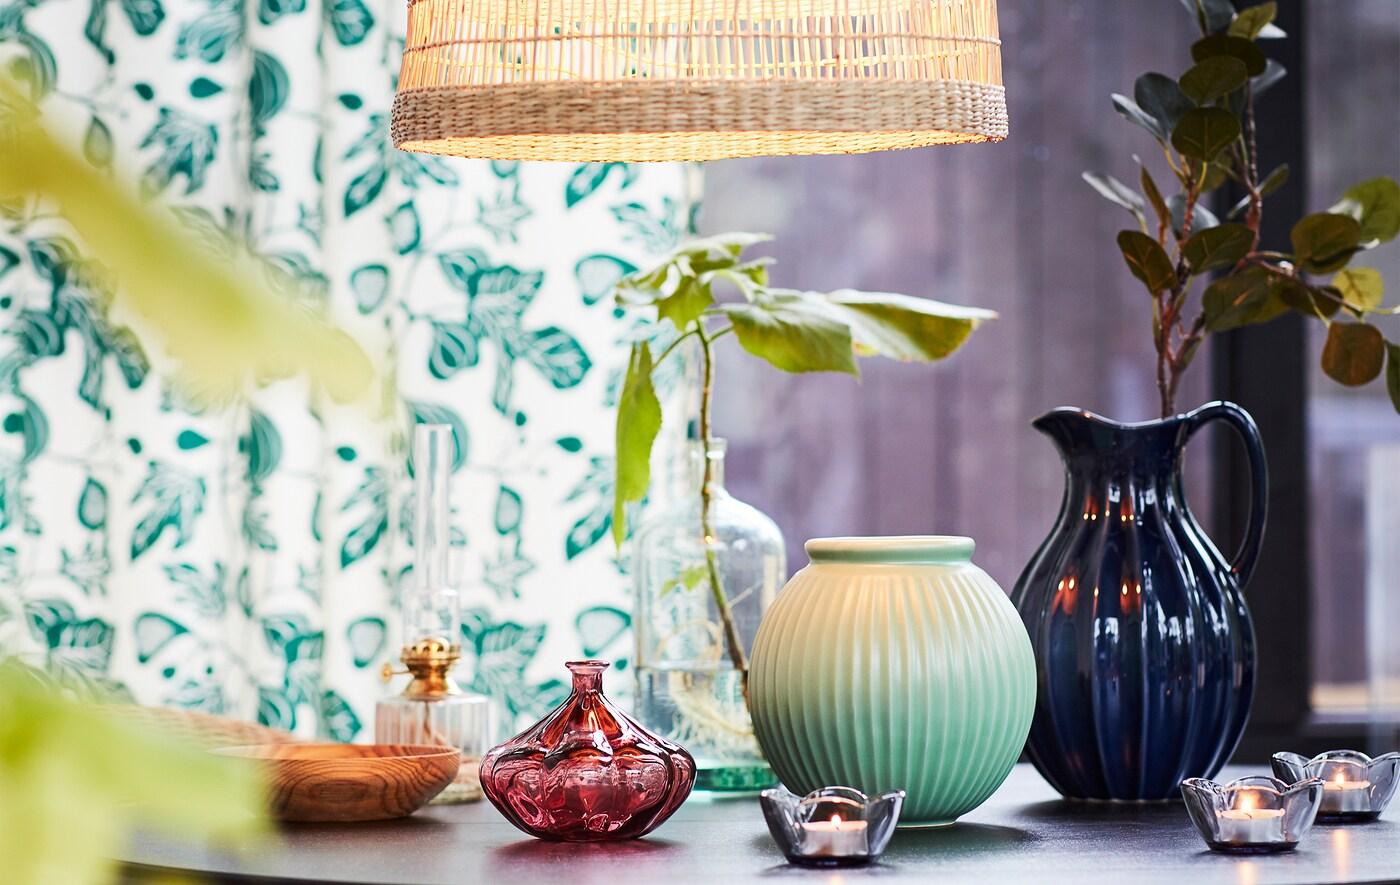 Une table subtilement décorée de petits vases et de bougies avec de petites feuilles vertes et des symboles du printemps.